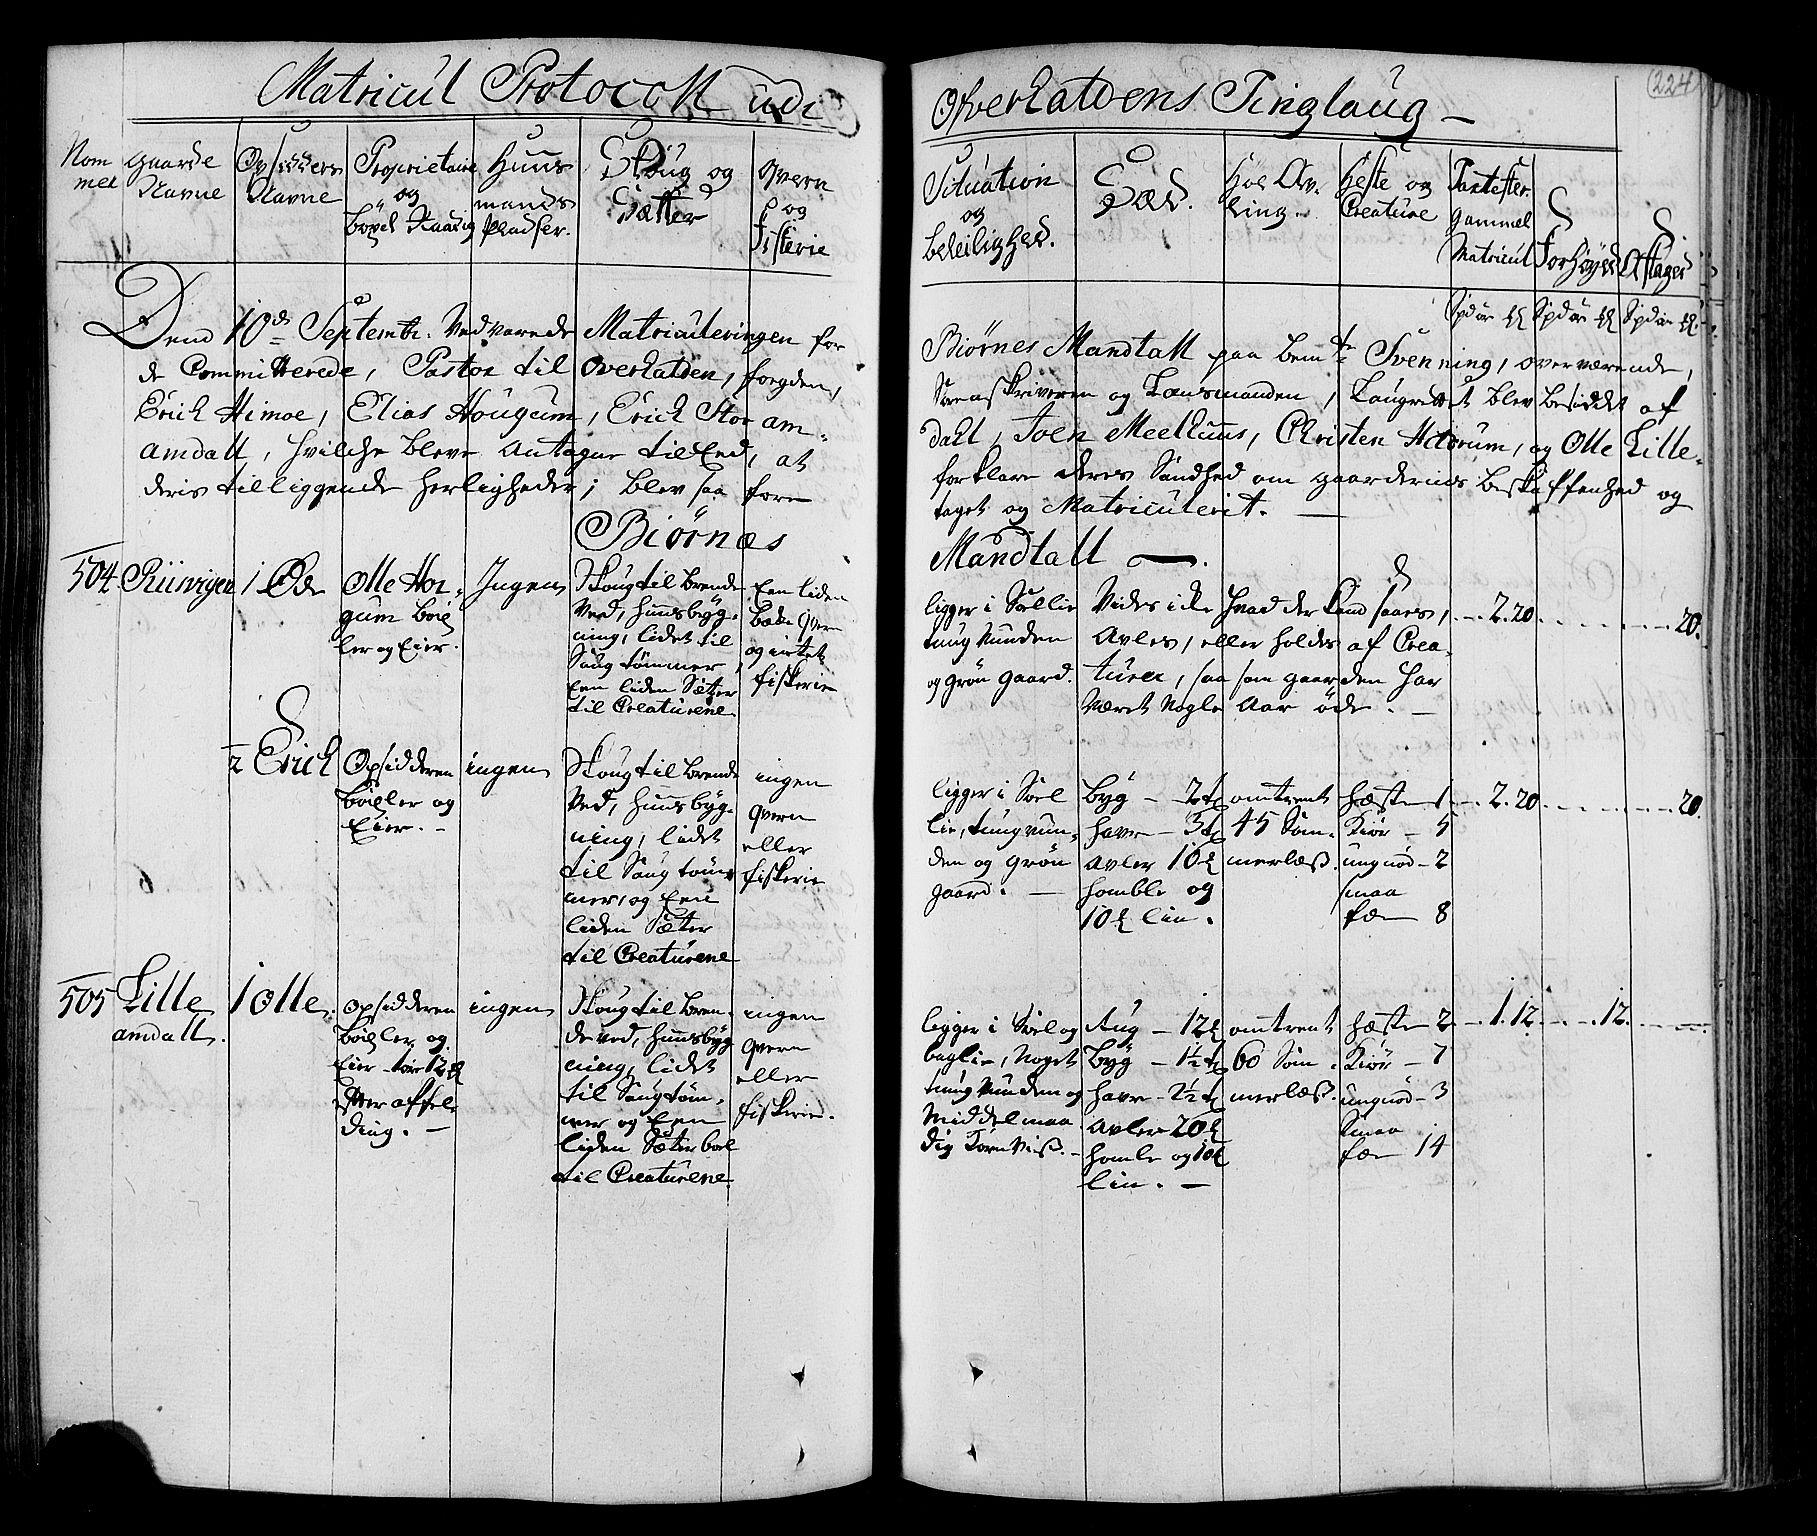 RA, Rentekammeret inntil 1814, Realistisk ordnet avdeling, N/Nb/Nbf/L0168: Namdalen eksaminasjonsprotokoll, 1723, s. 223b-224a